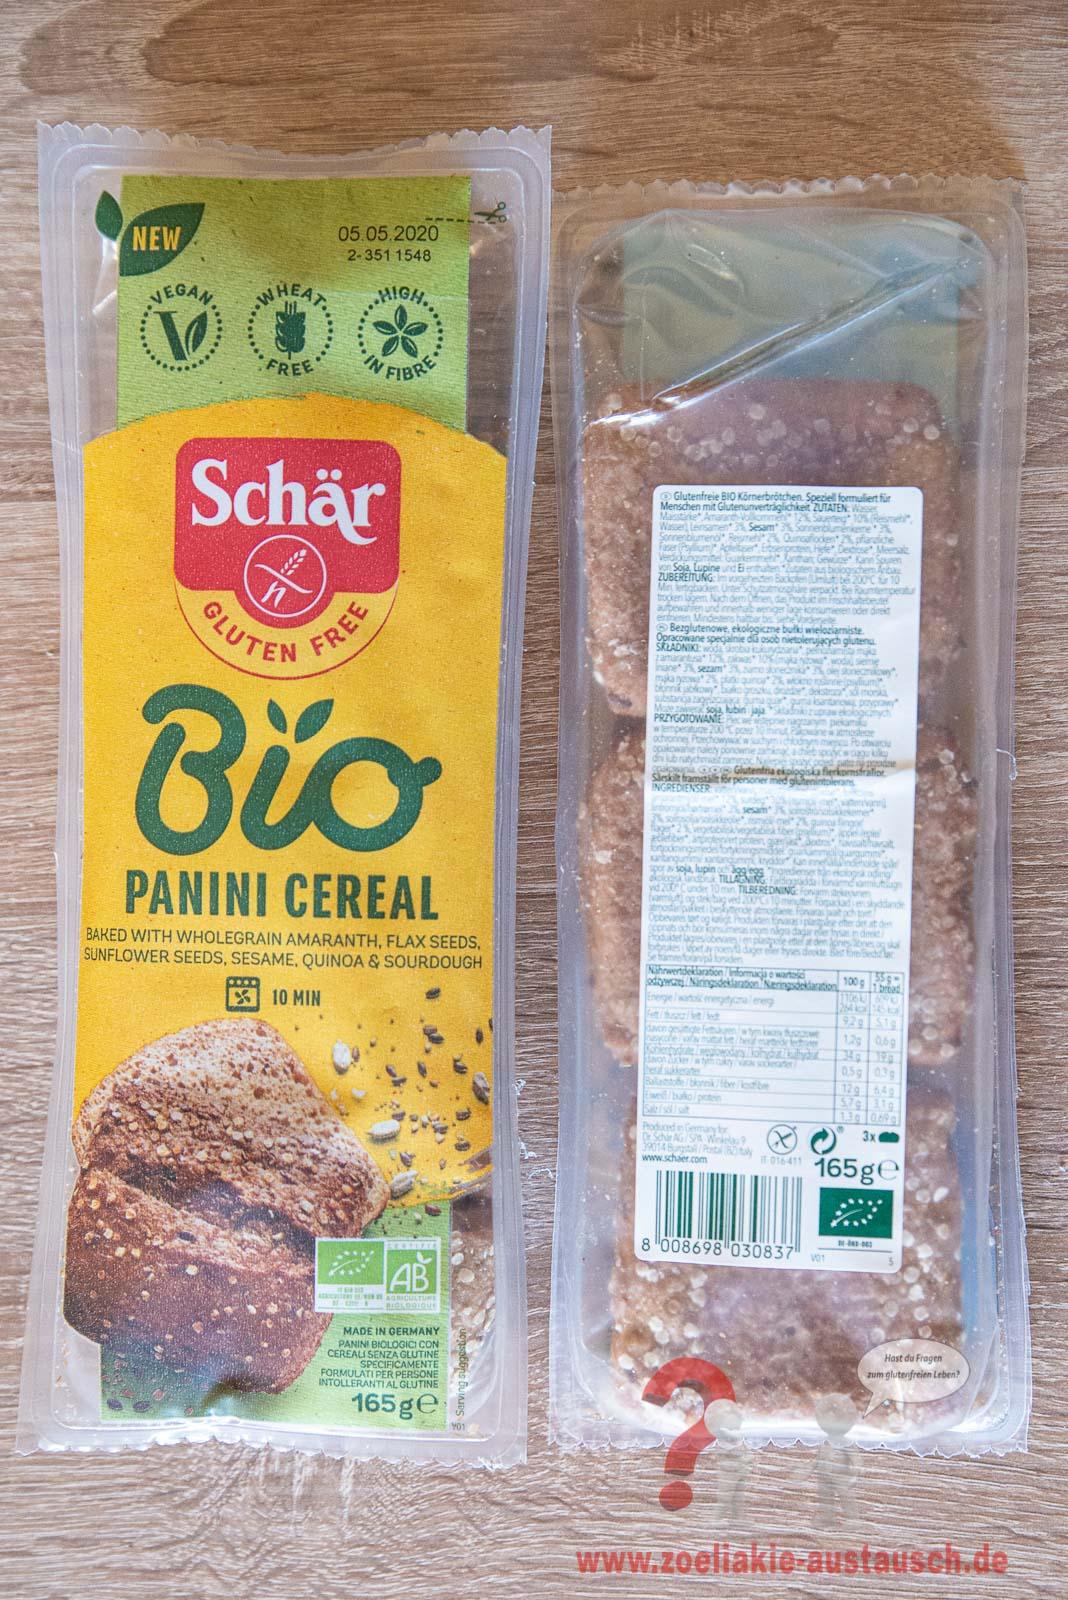 Zoeliakie_Austausch_Schaer_glutenfrei_Bio-034